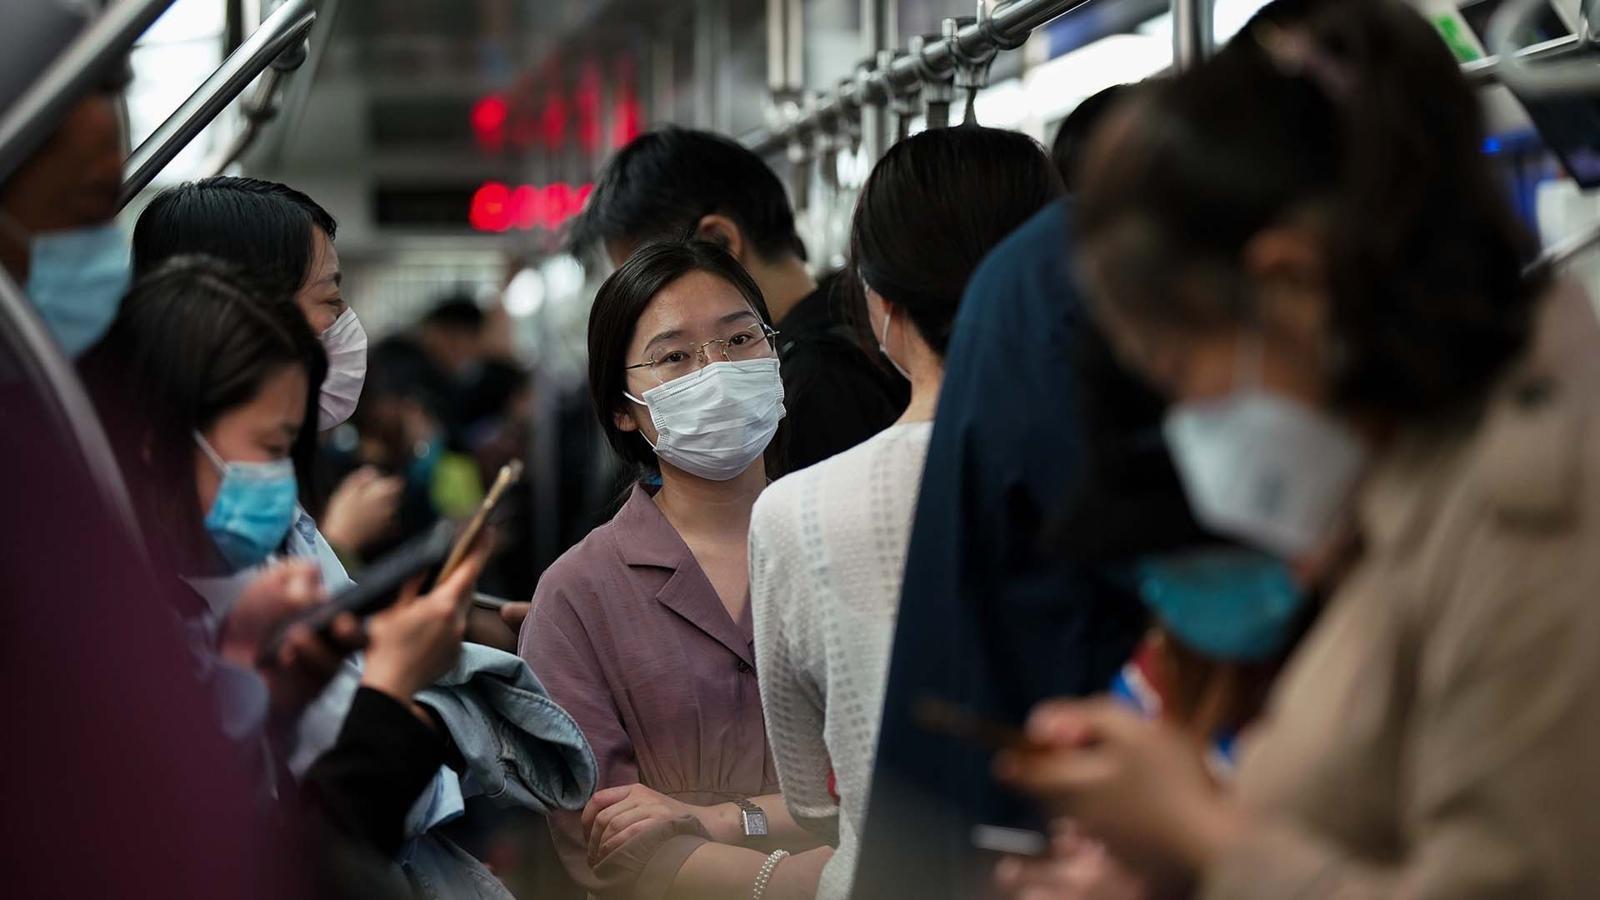 Coronavirus en China: cómo está siendo el regreso al trabajo en el gigante asiático después del confinamiento y qué cosas han cambiado - BBC News Mundo